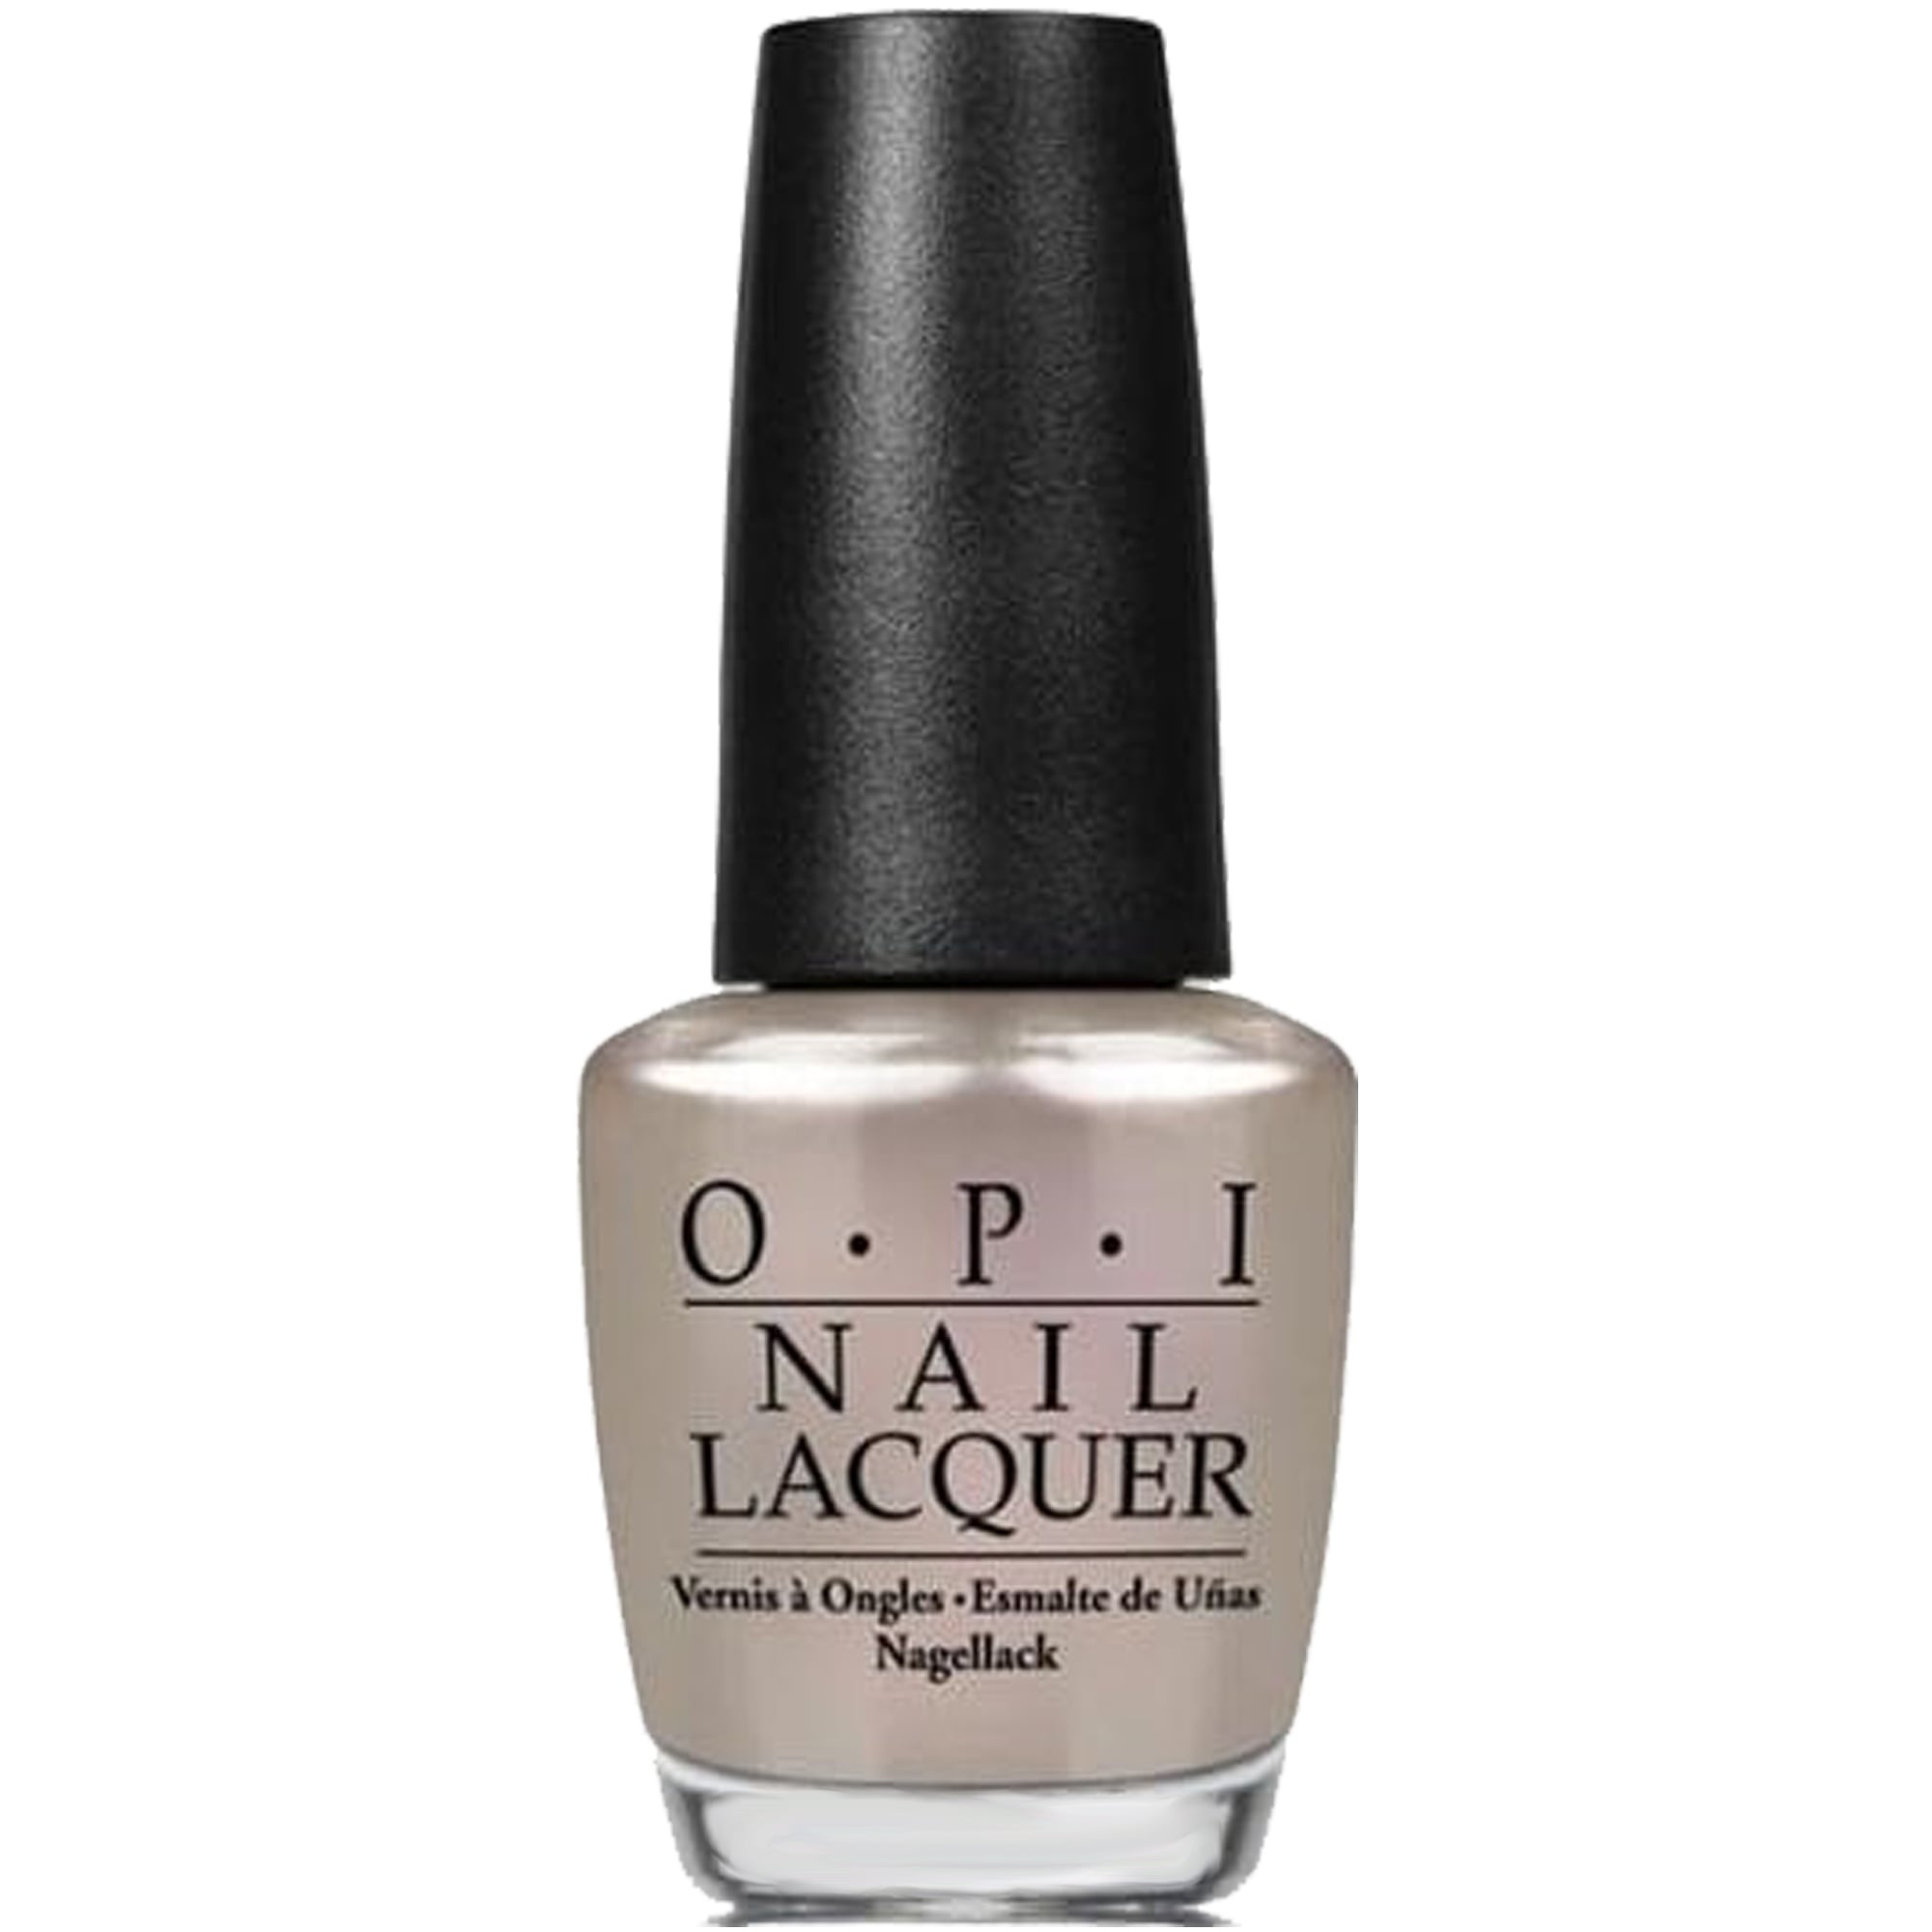 opi soft shades nail polish collection 2015 this silver